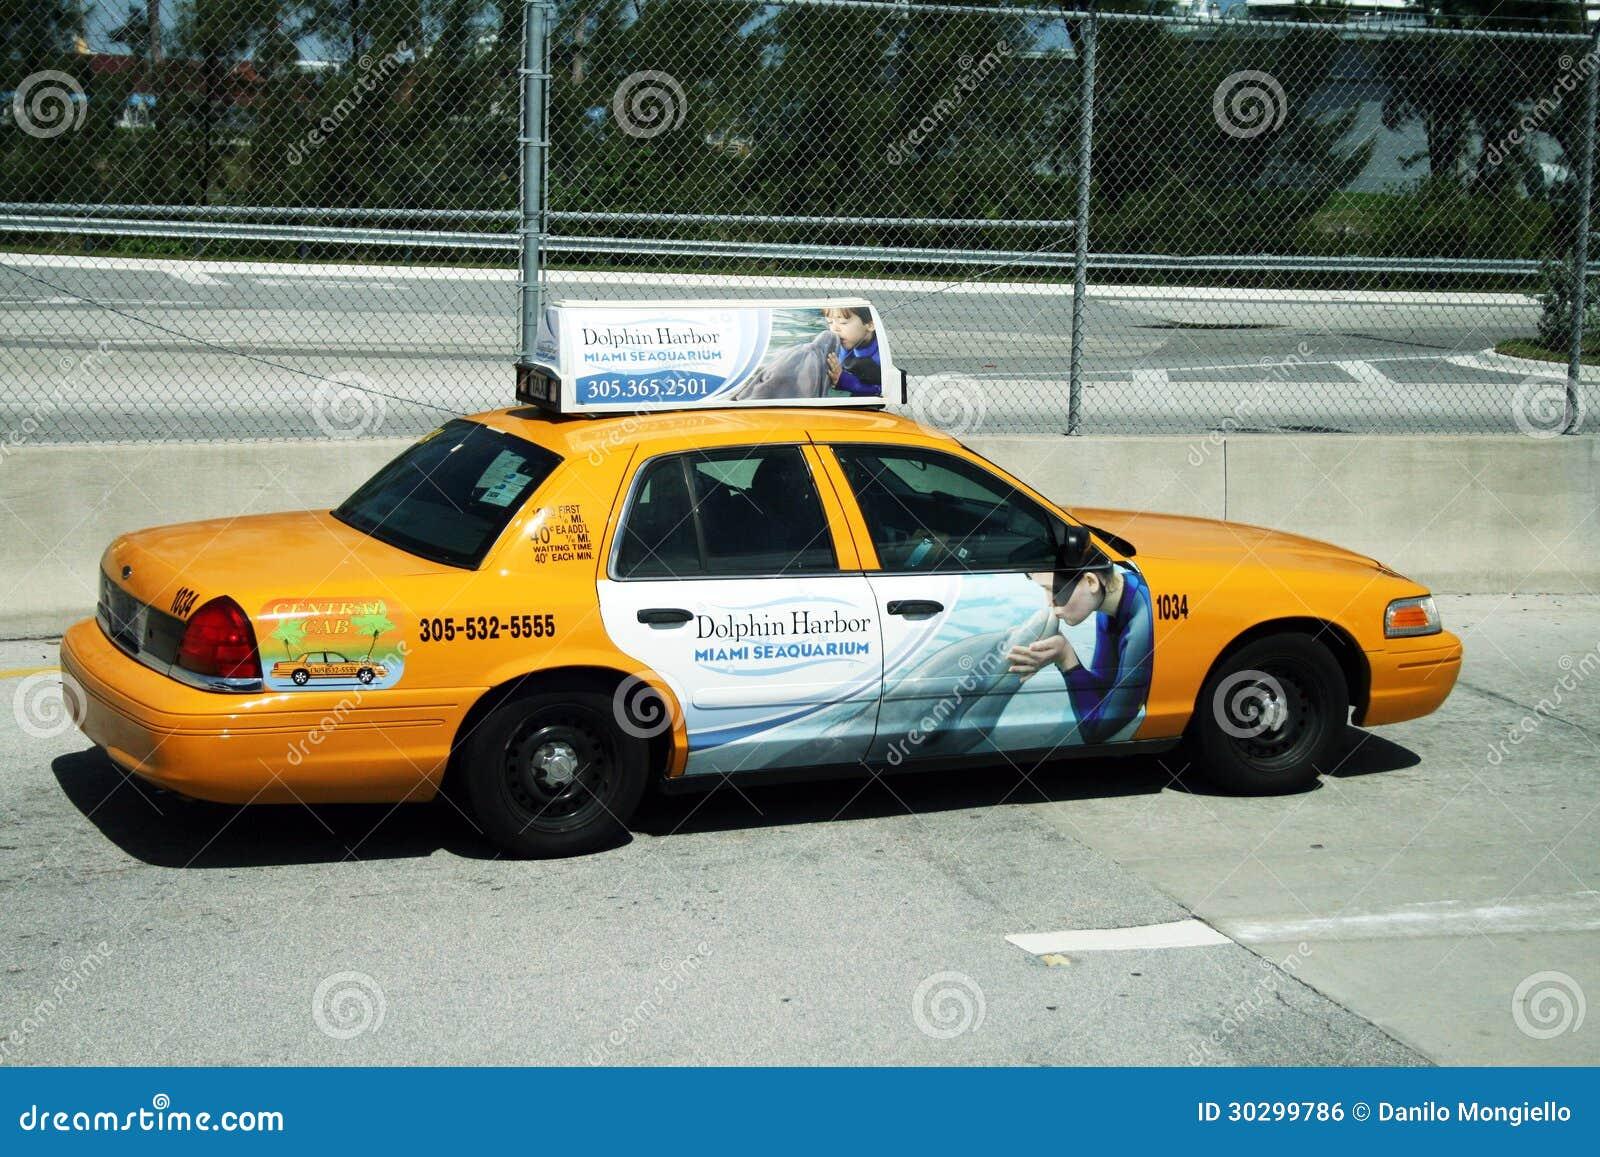 South Beach Miami Airport Taxi